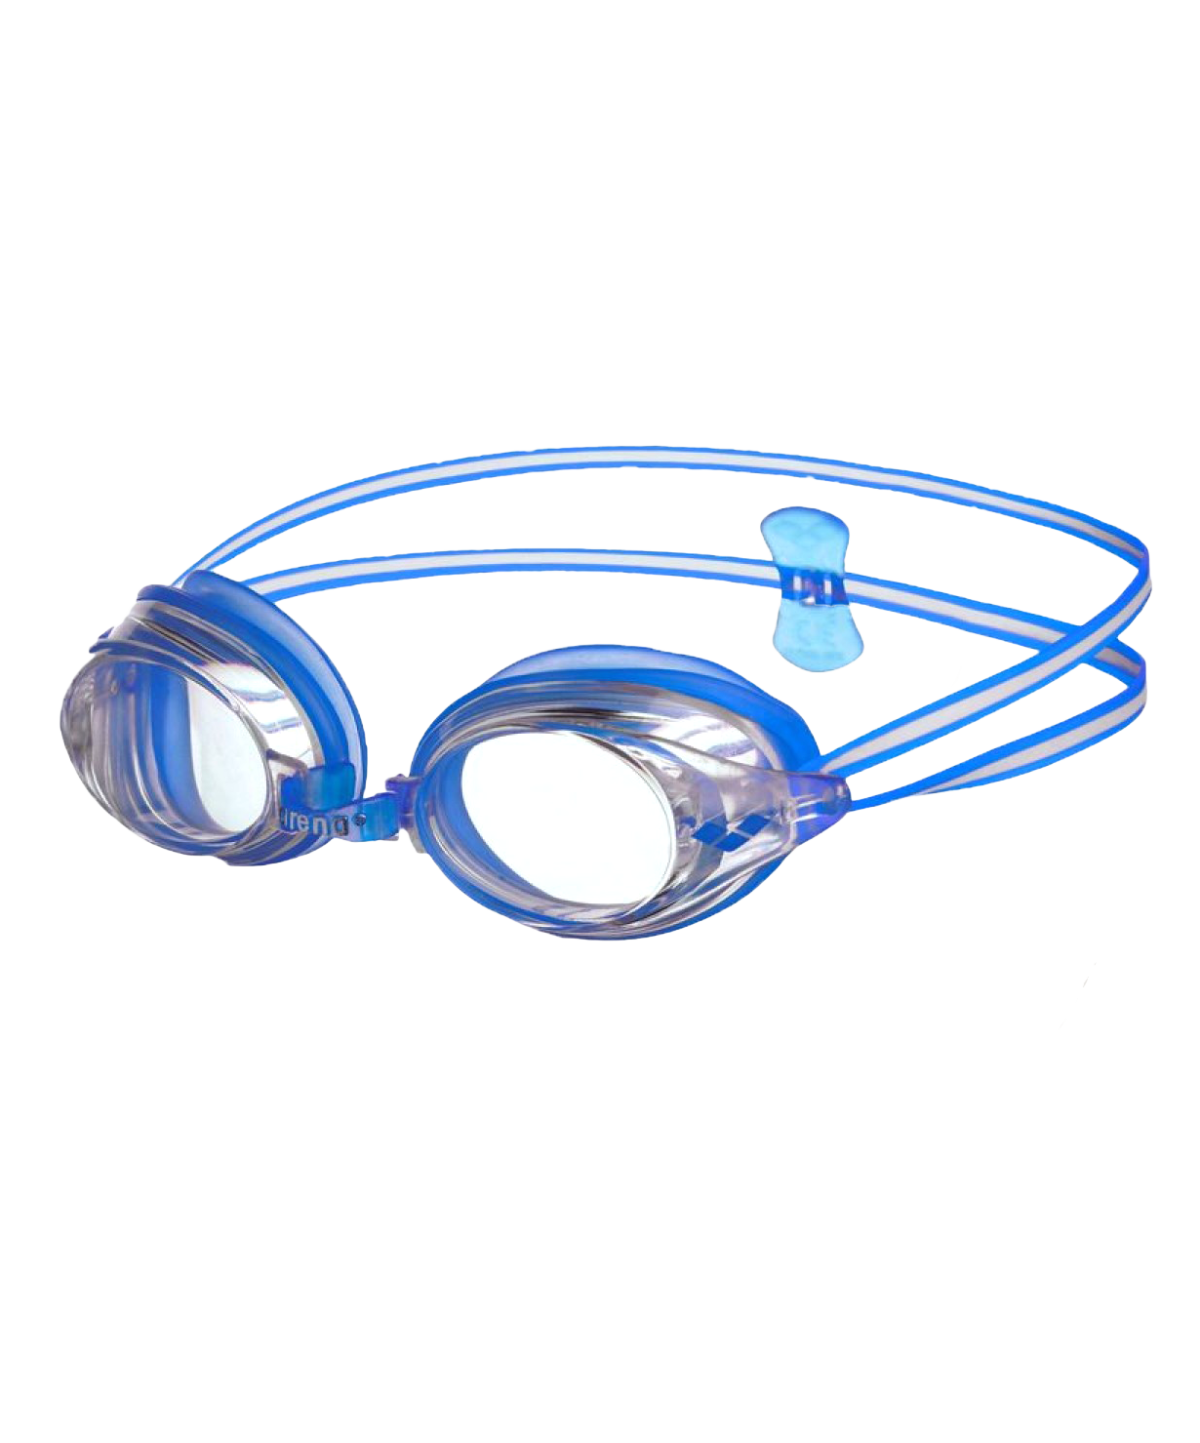 ARENA Очки для плавания  1Е03570 - 1